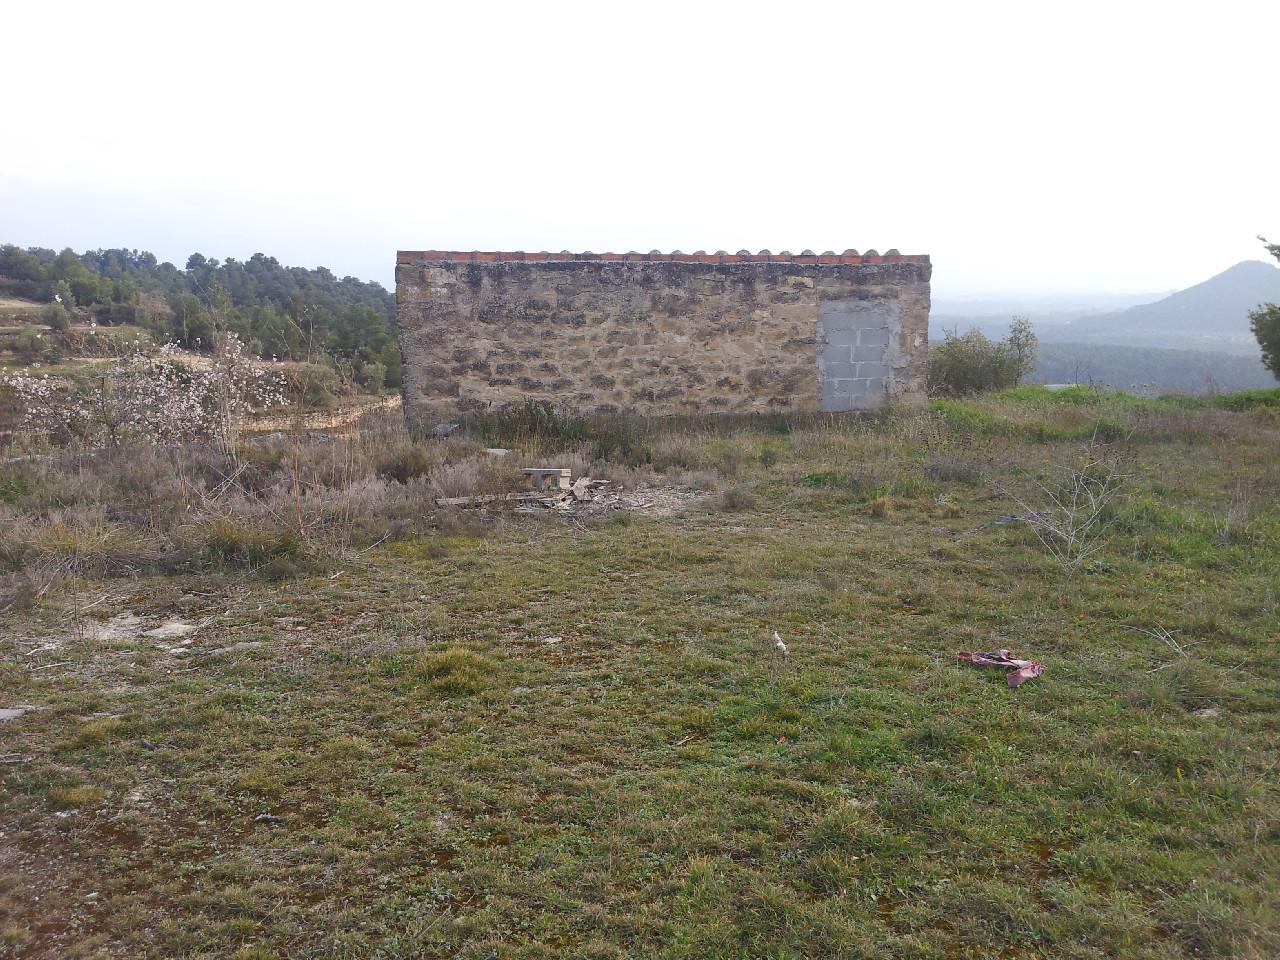 Solar urbà  Garrigues - Vinaixa. Finca rústica d'oliveres, ametllers i part boscosa, amb una gran